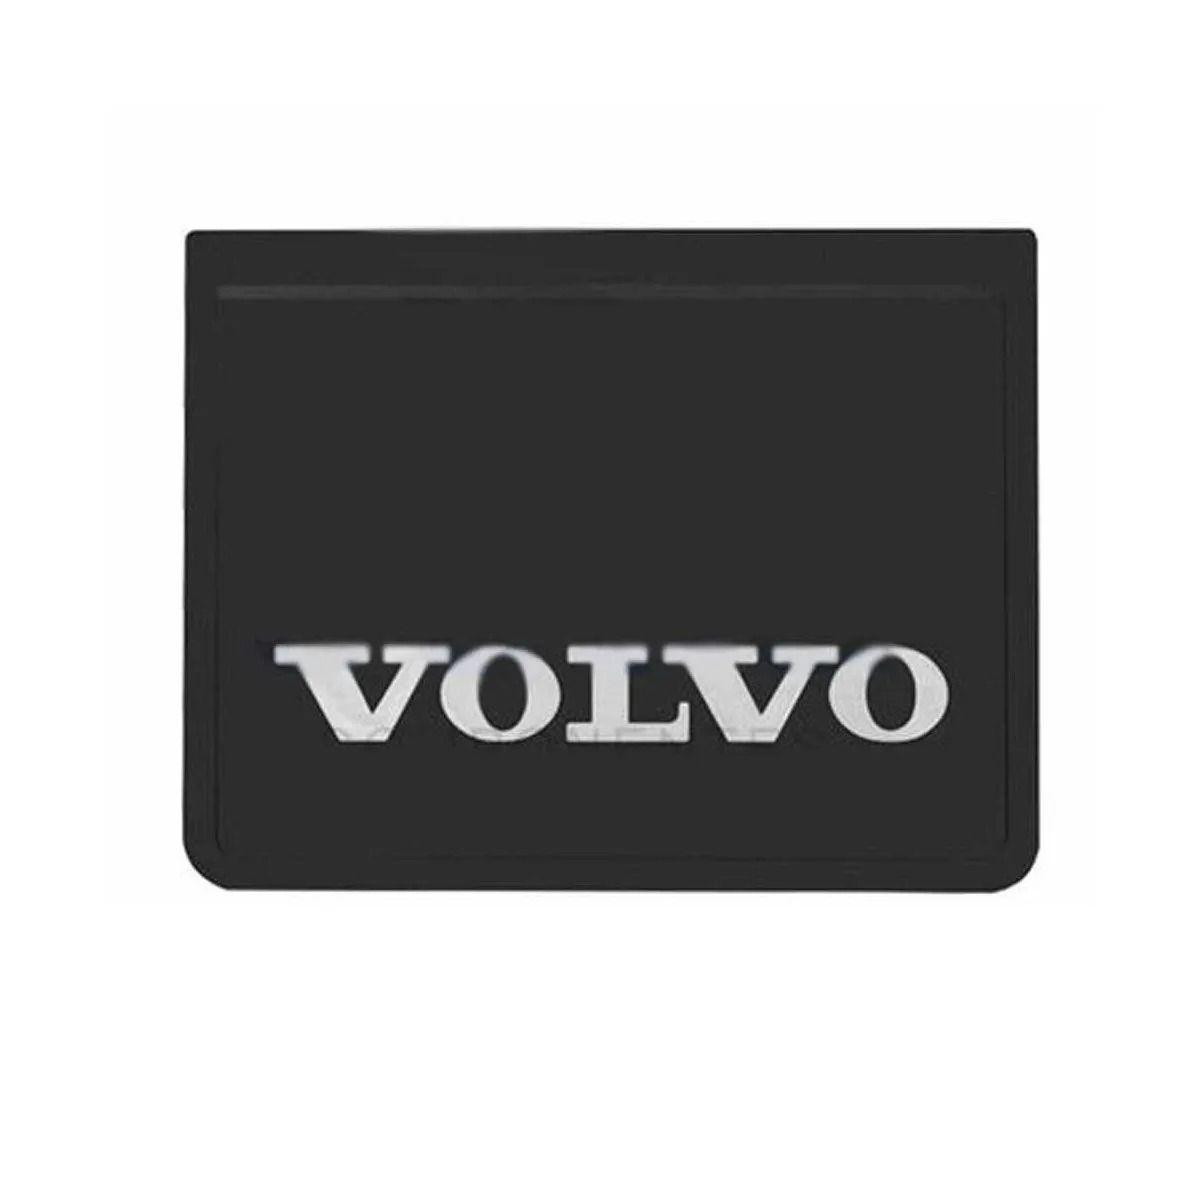 Apara Barro Borracha Alto Relevo para Volvo